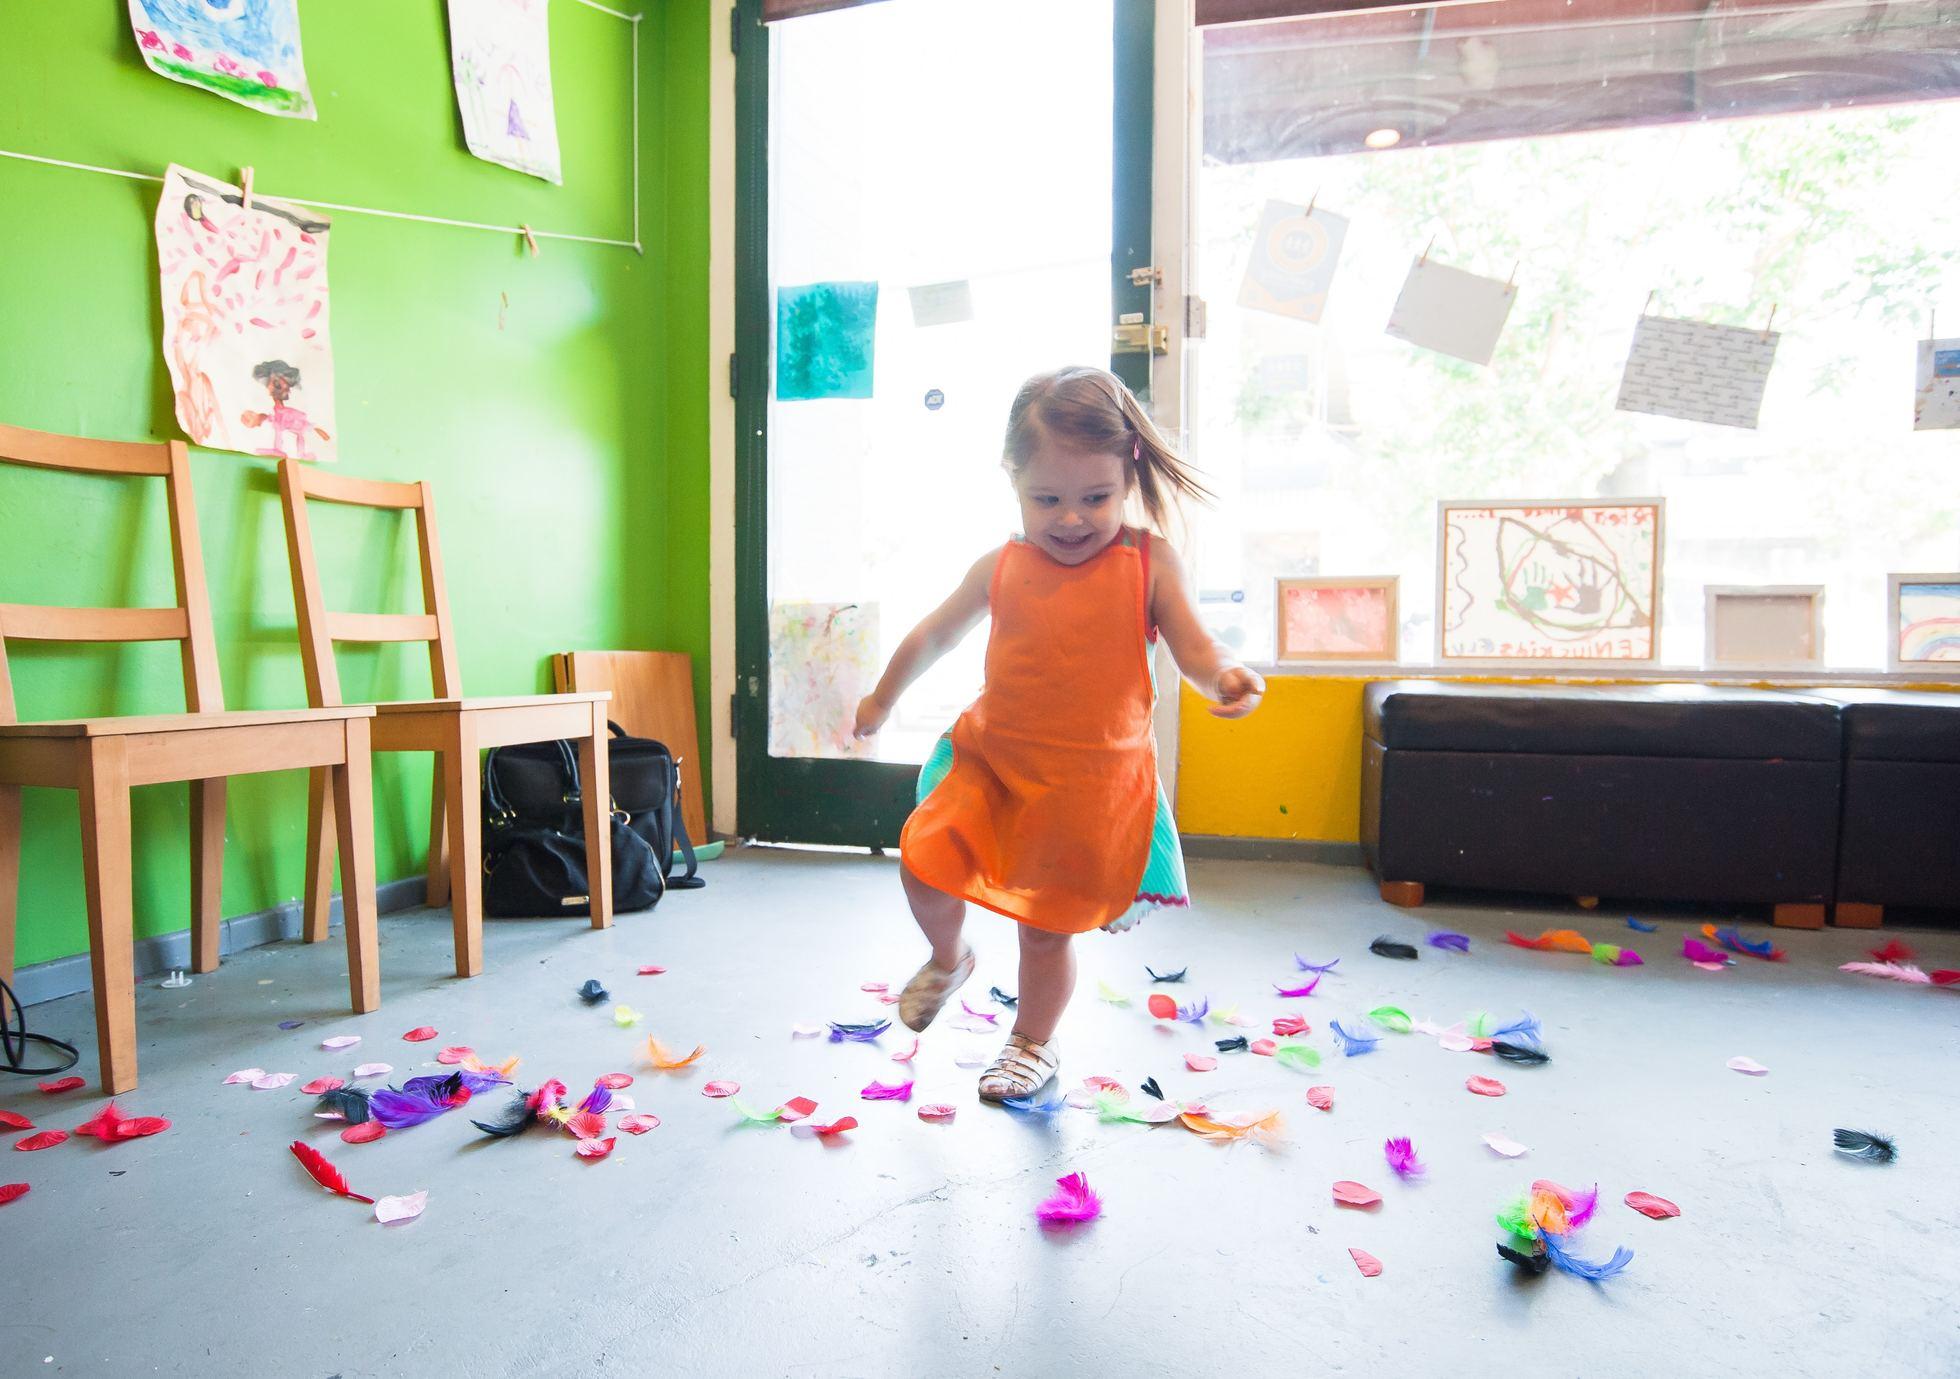 Criança brincando na escola com avental e papeis coloridos pelo chão